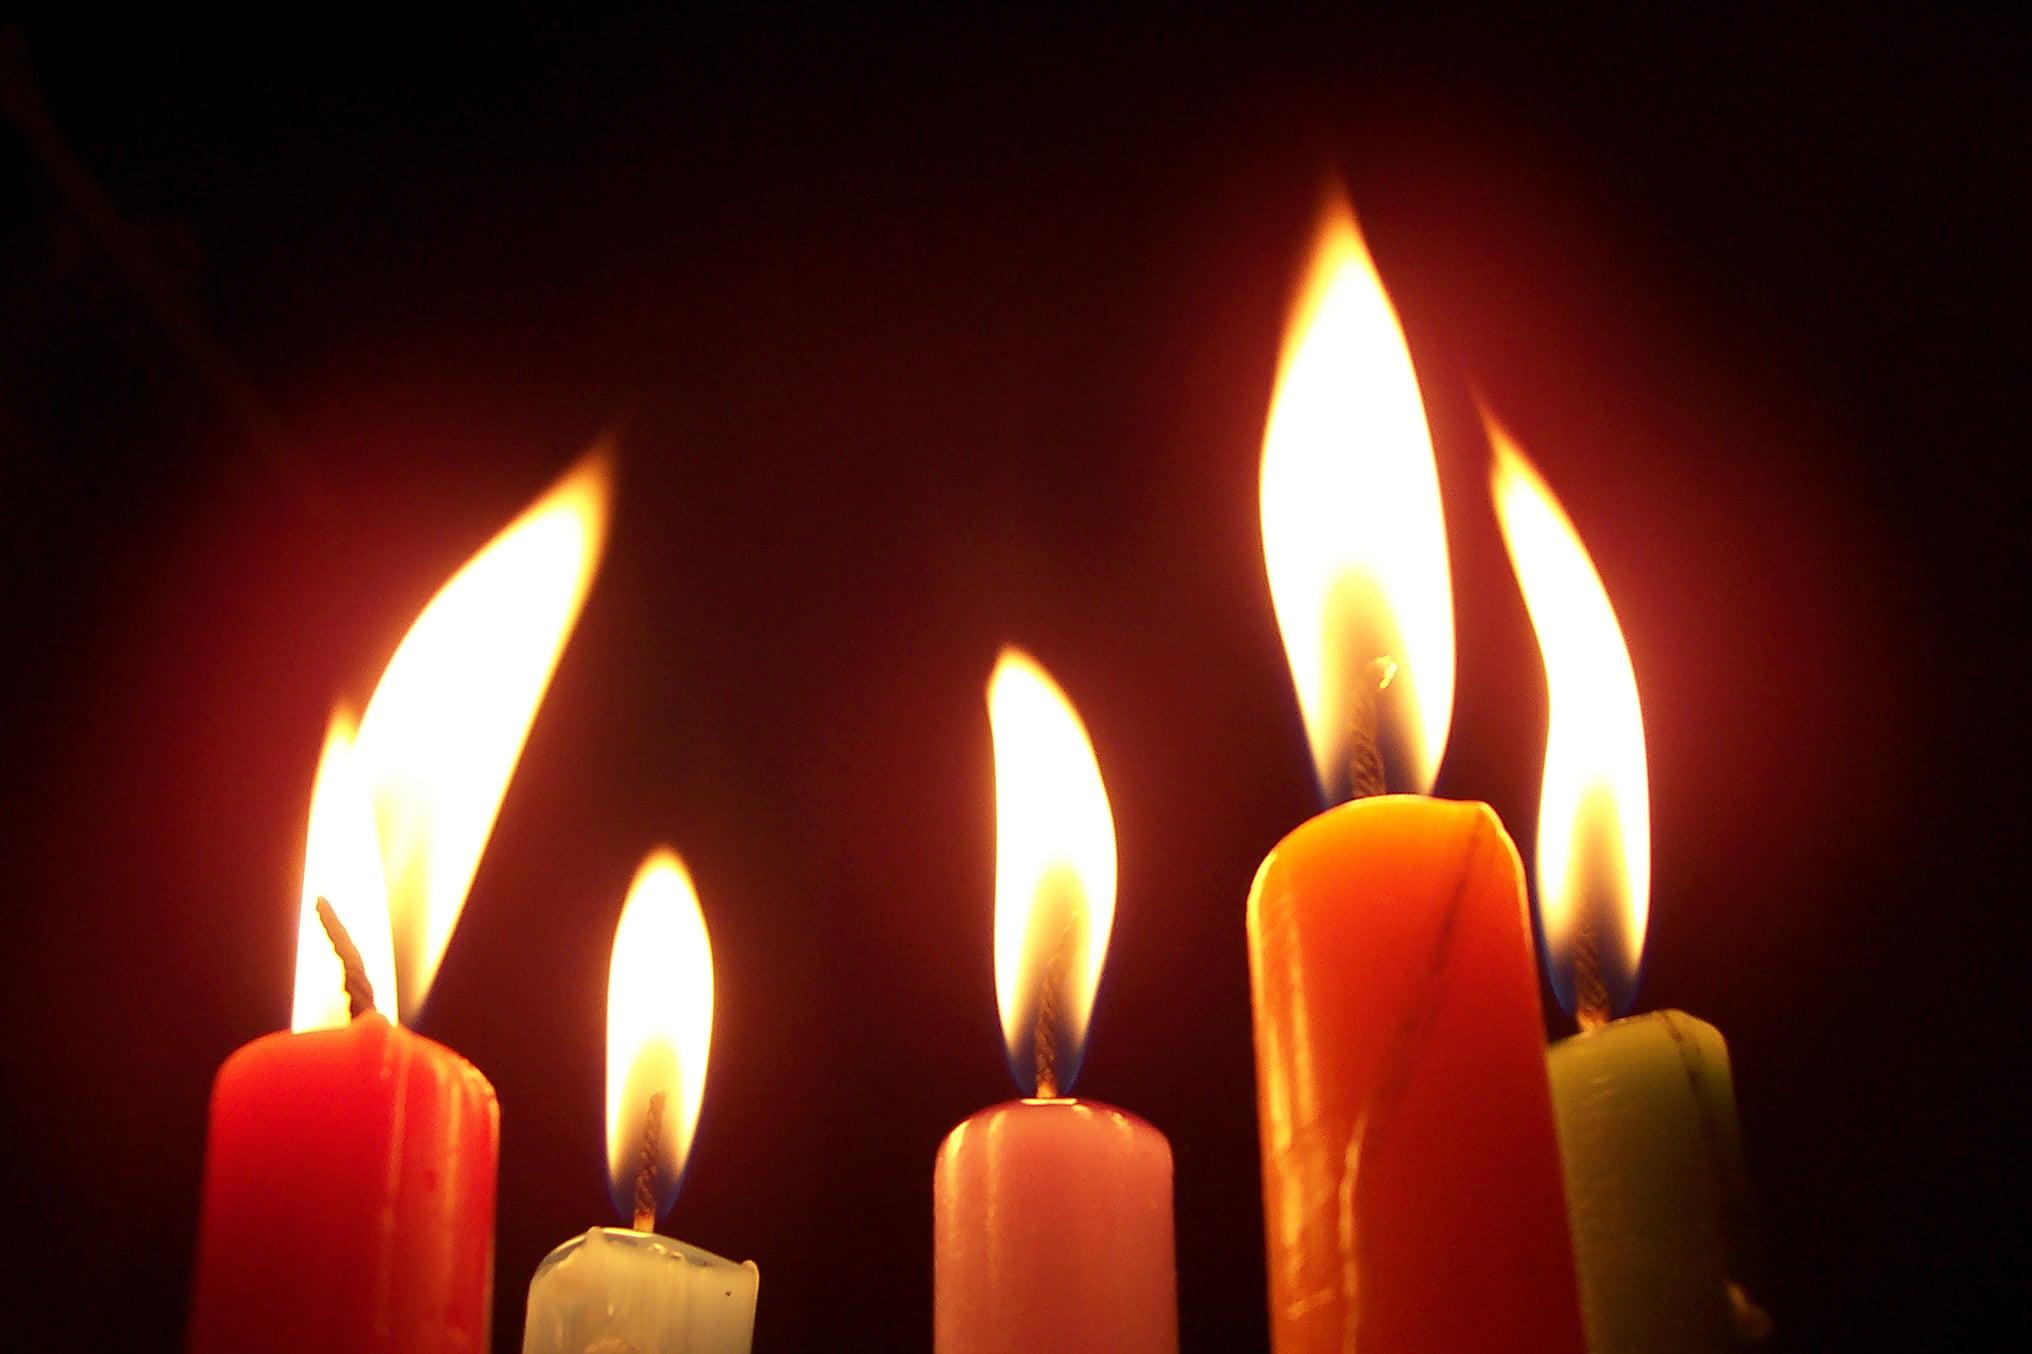 Gottes Licht in den Augen aller leuchten zu lassen!